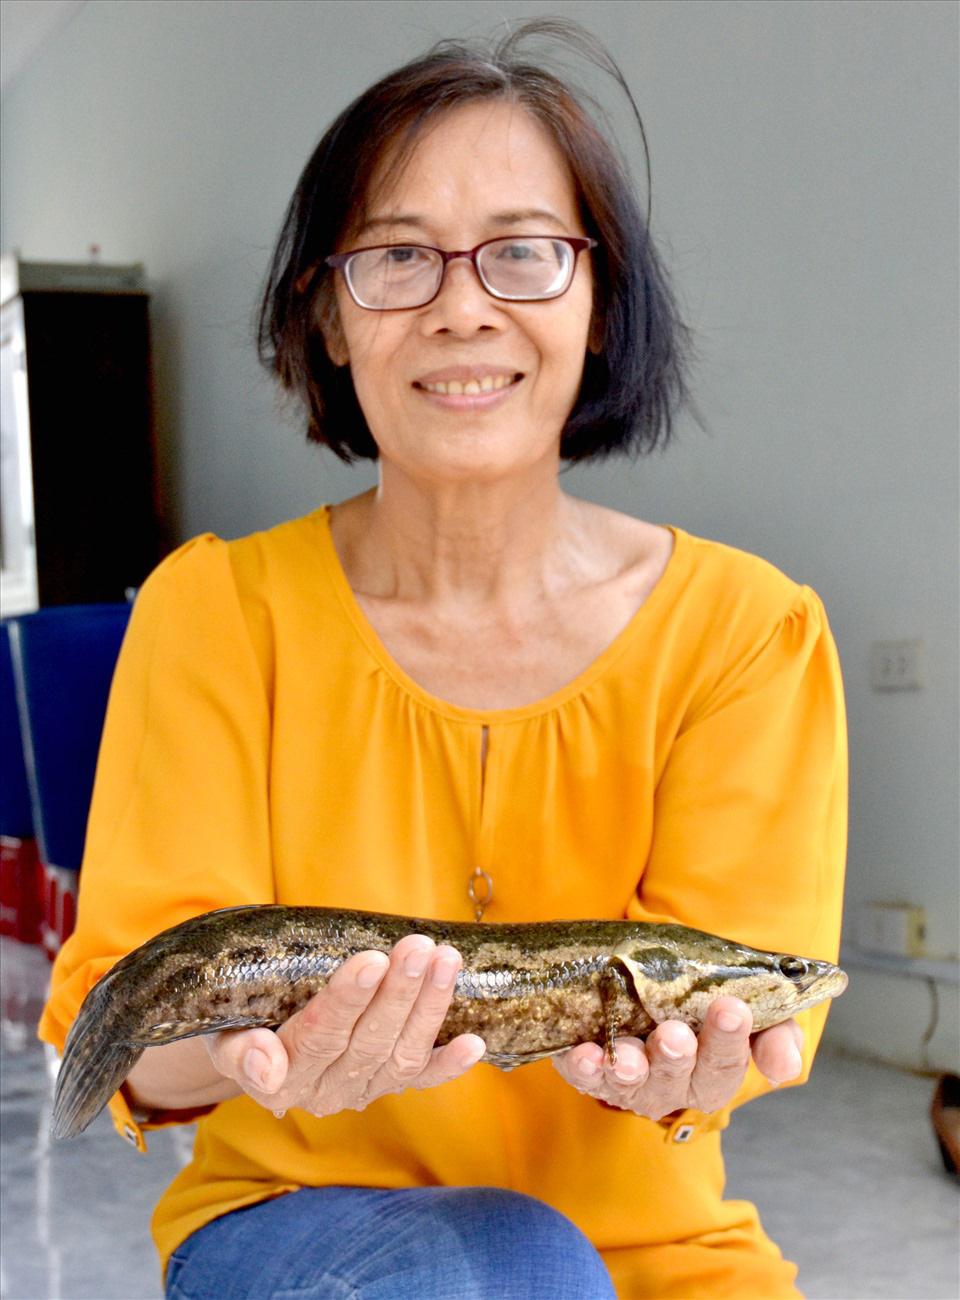 Một trường Đại học ở tỉnh Kiên Giang nhân giống thành công loài cá dày nhìn y hệt con cá lóc - Ảnh 1.